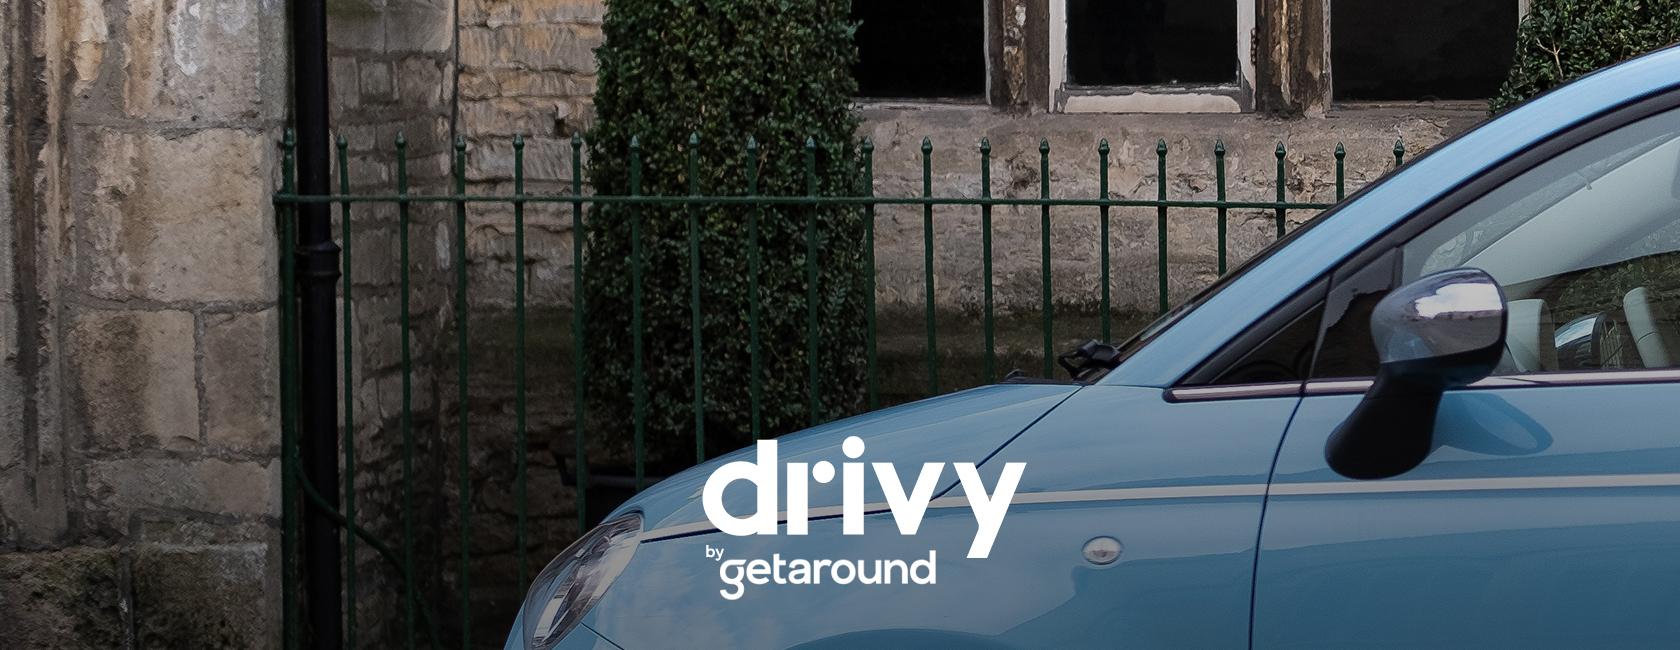 Drivy by getaround